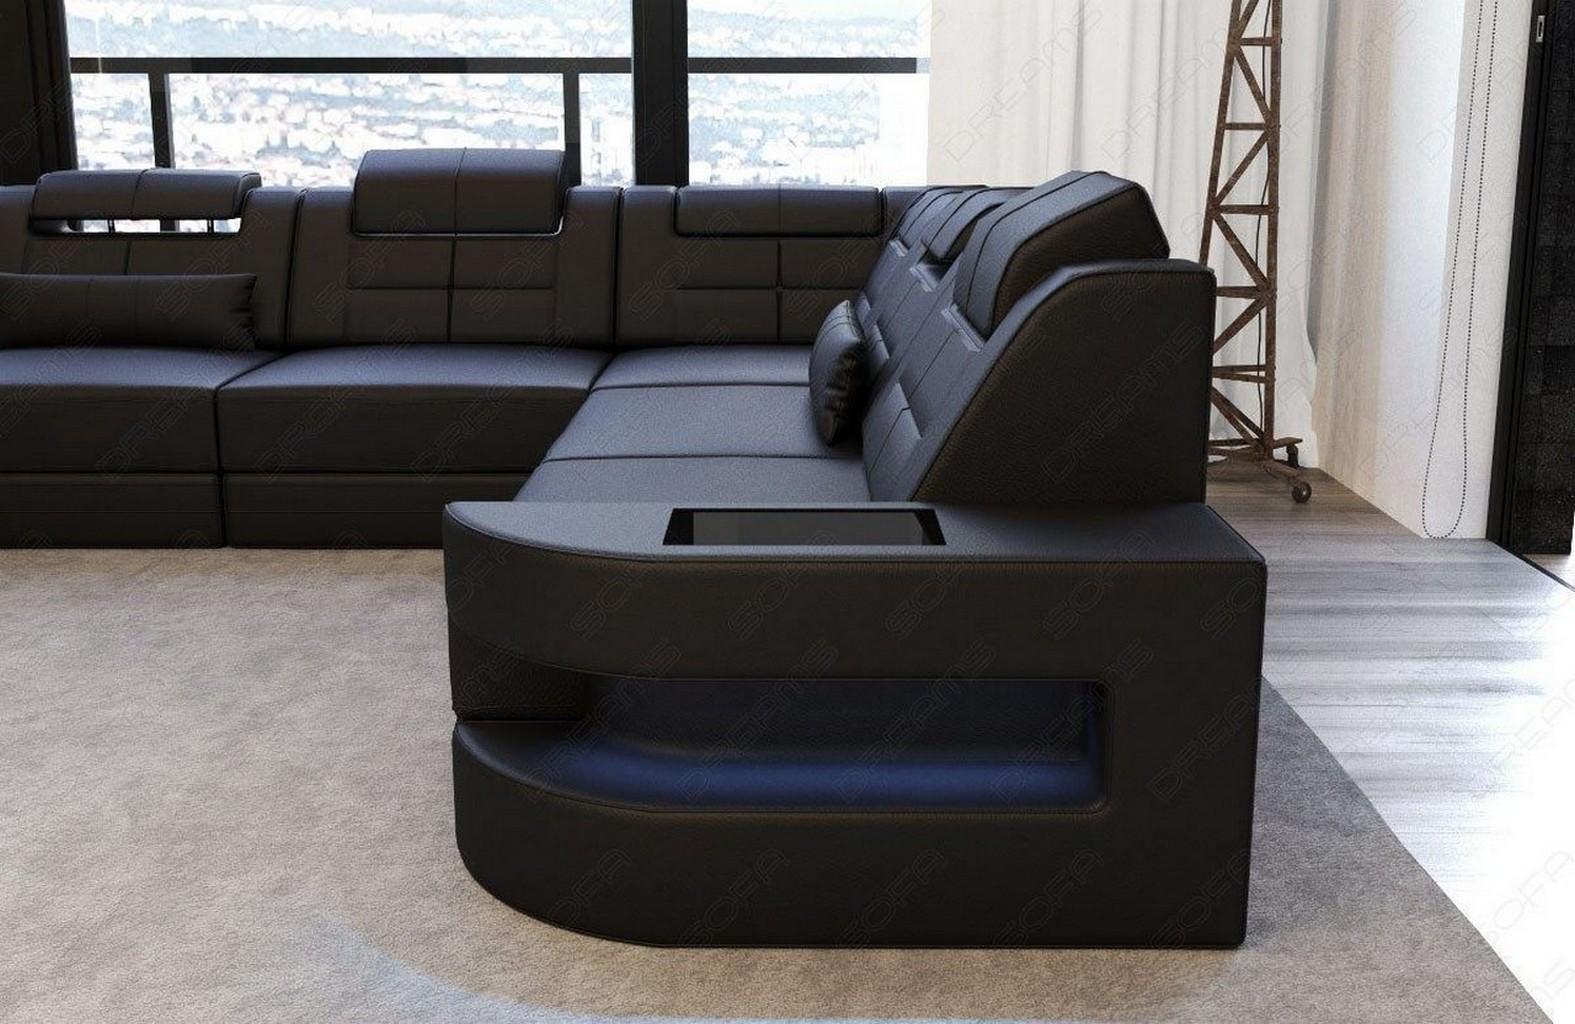 leder couch ecksofa wohnlandschaft como u led ottomane kopfst tzen verstellbar ebay